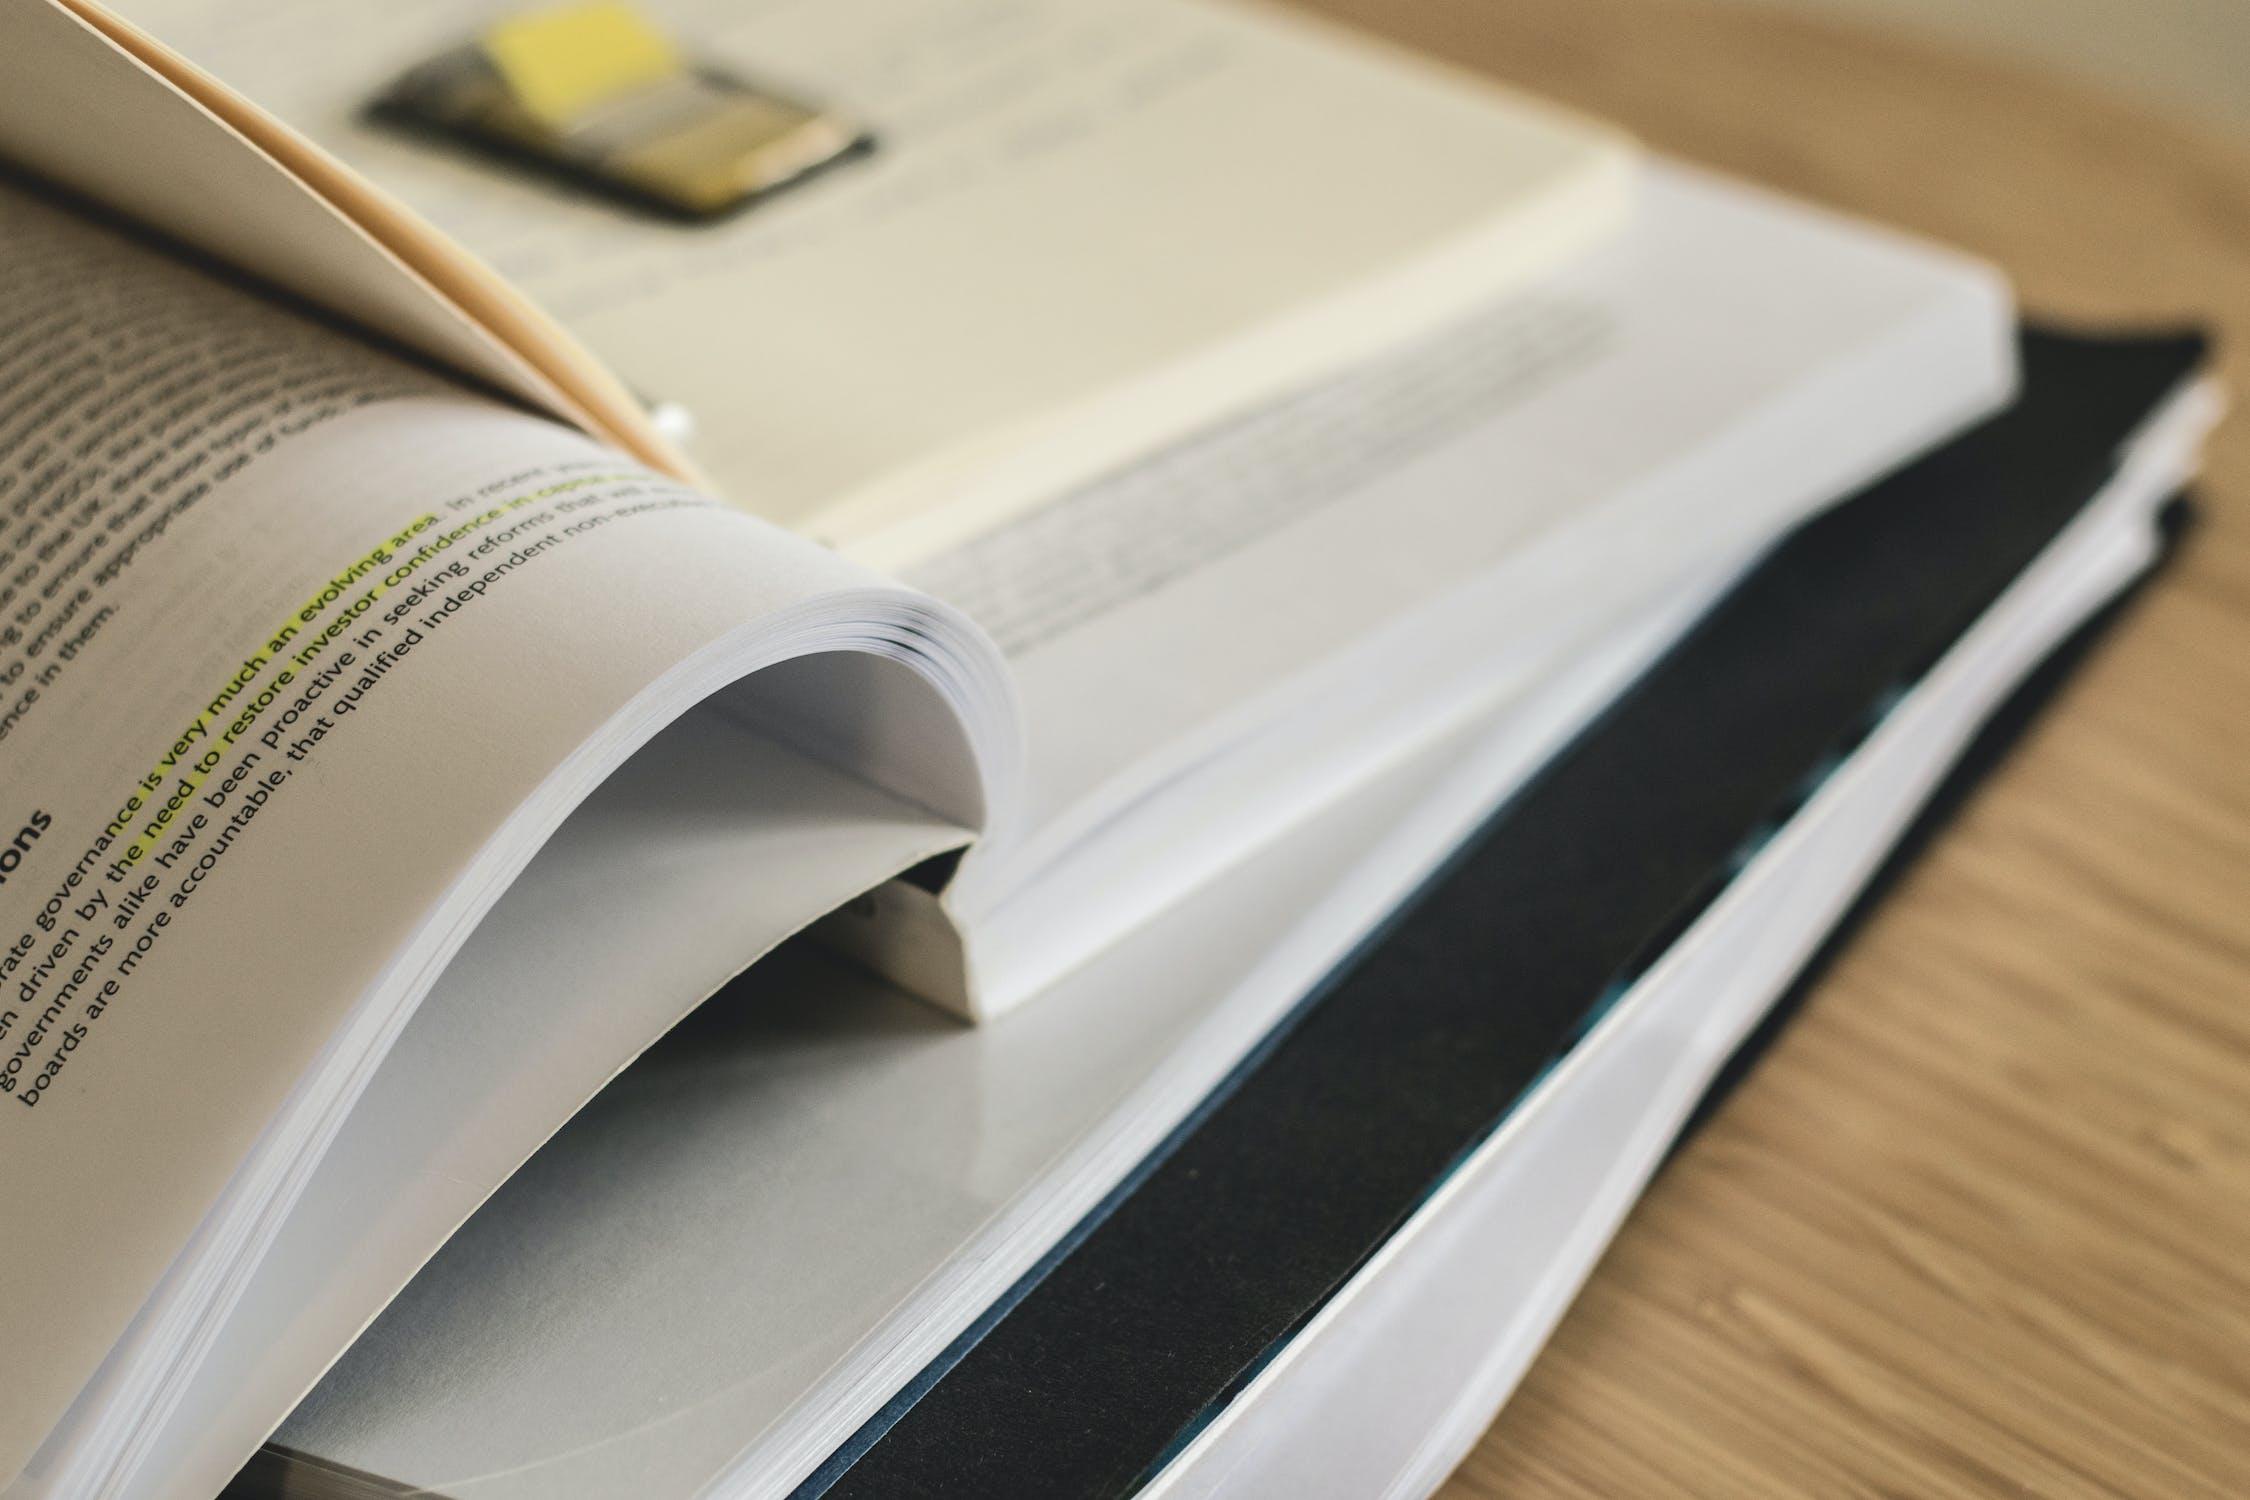 授業中に内職をする理由『学校の授業を聞かなくても参考書を読めば理解できる』